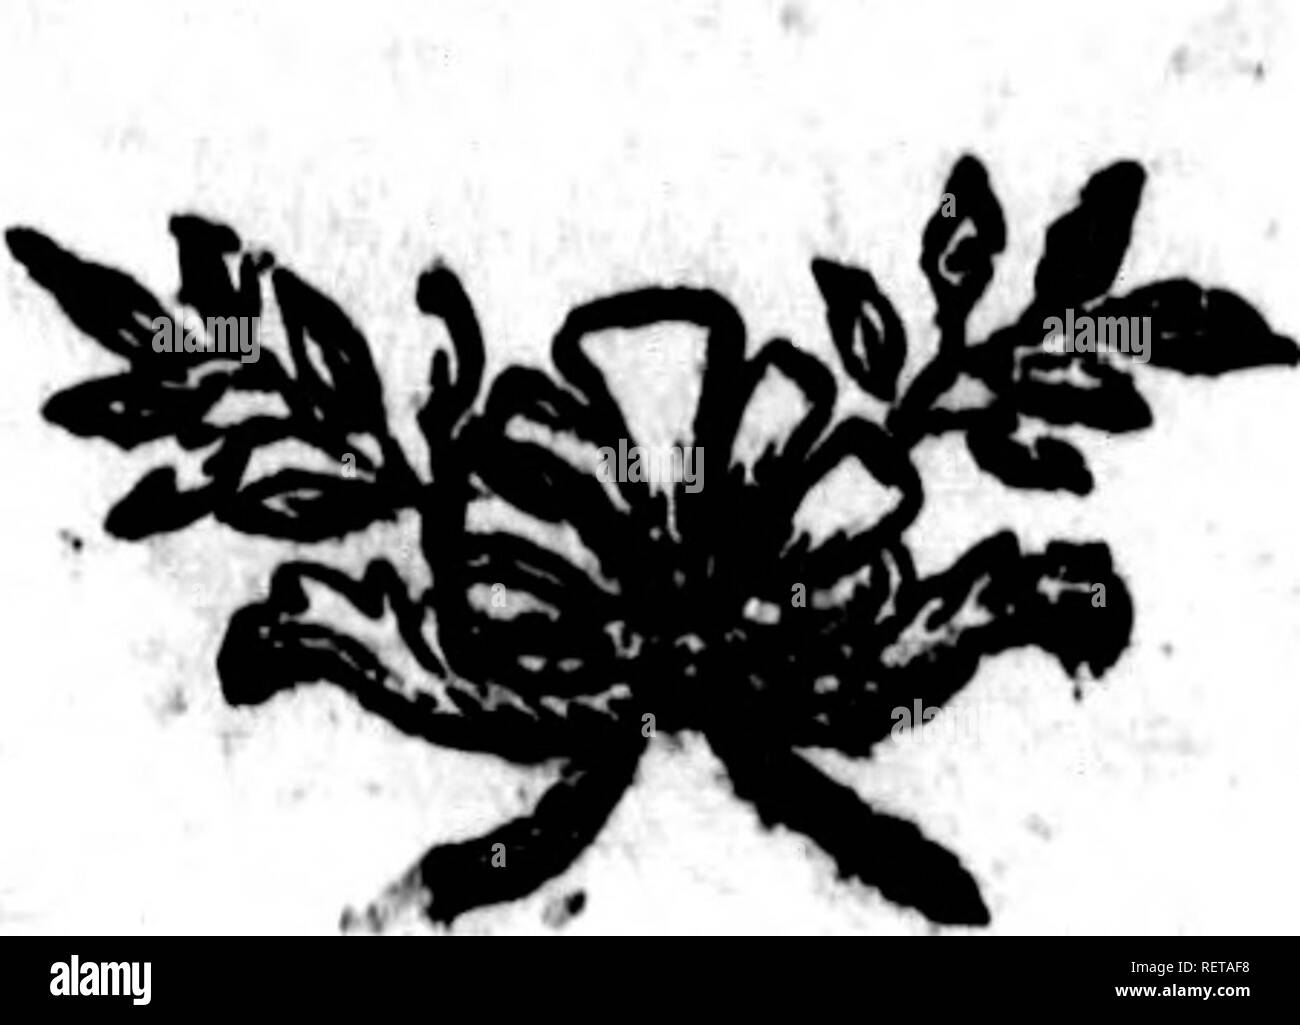 """. Histoire naturelle, générale et particulière [microforme] : servant de suite à l'histoire des animaux quadrupèdes. Sciences naturelles; Natural history. V , 170 Supplément à l'HtJIoire LE PHOQUE LAKTAK DE KAMTSCHJTKJ. '-^^-^""""^^^^Sixième efpèce. ^nx >v-v JLa sixième espèce eft celle que ^. habitans de Kamtfchatka appellent /j>t/'/- rû;t (u); elle ne fe prend cjiraii-QcU du cinquantc-fixicme degré clc utitude, foit dans la mer de Pengina, foit dans l'océan oriental , & paroît être une ^ des plus grandes du genre des pho- ques. -. .« fnj Kracheninnikow ; Hiftoirc g - Stock Image"""